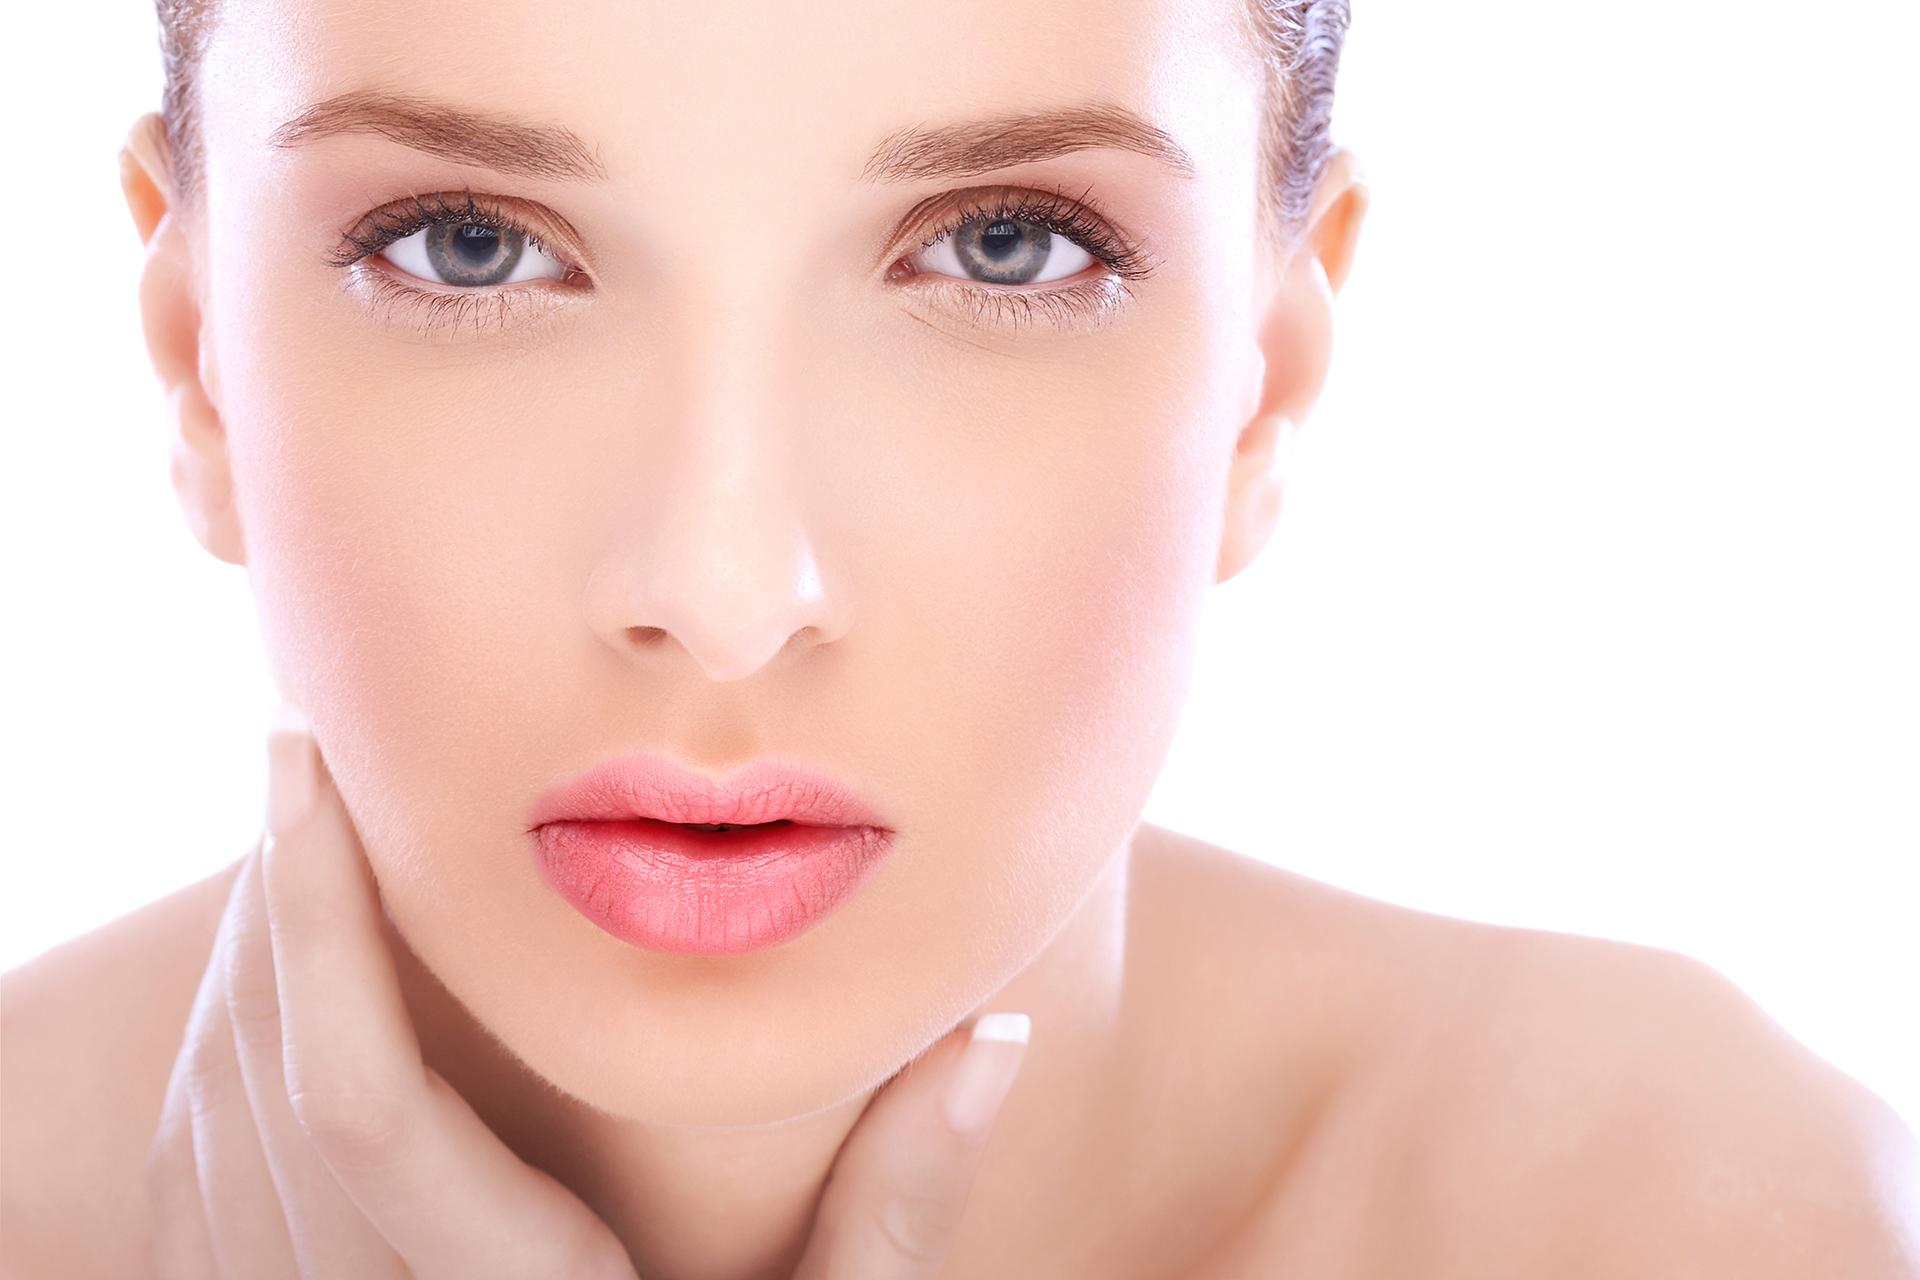 Ghea Cosmetici Mirati Trattamenti Viso